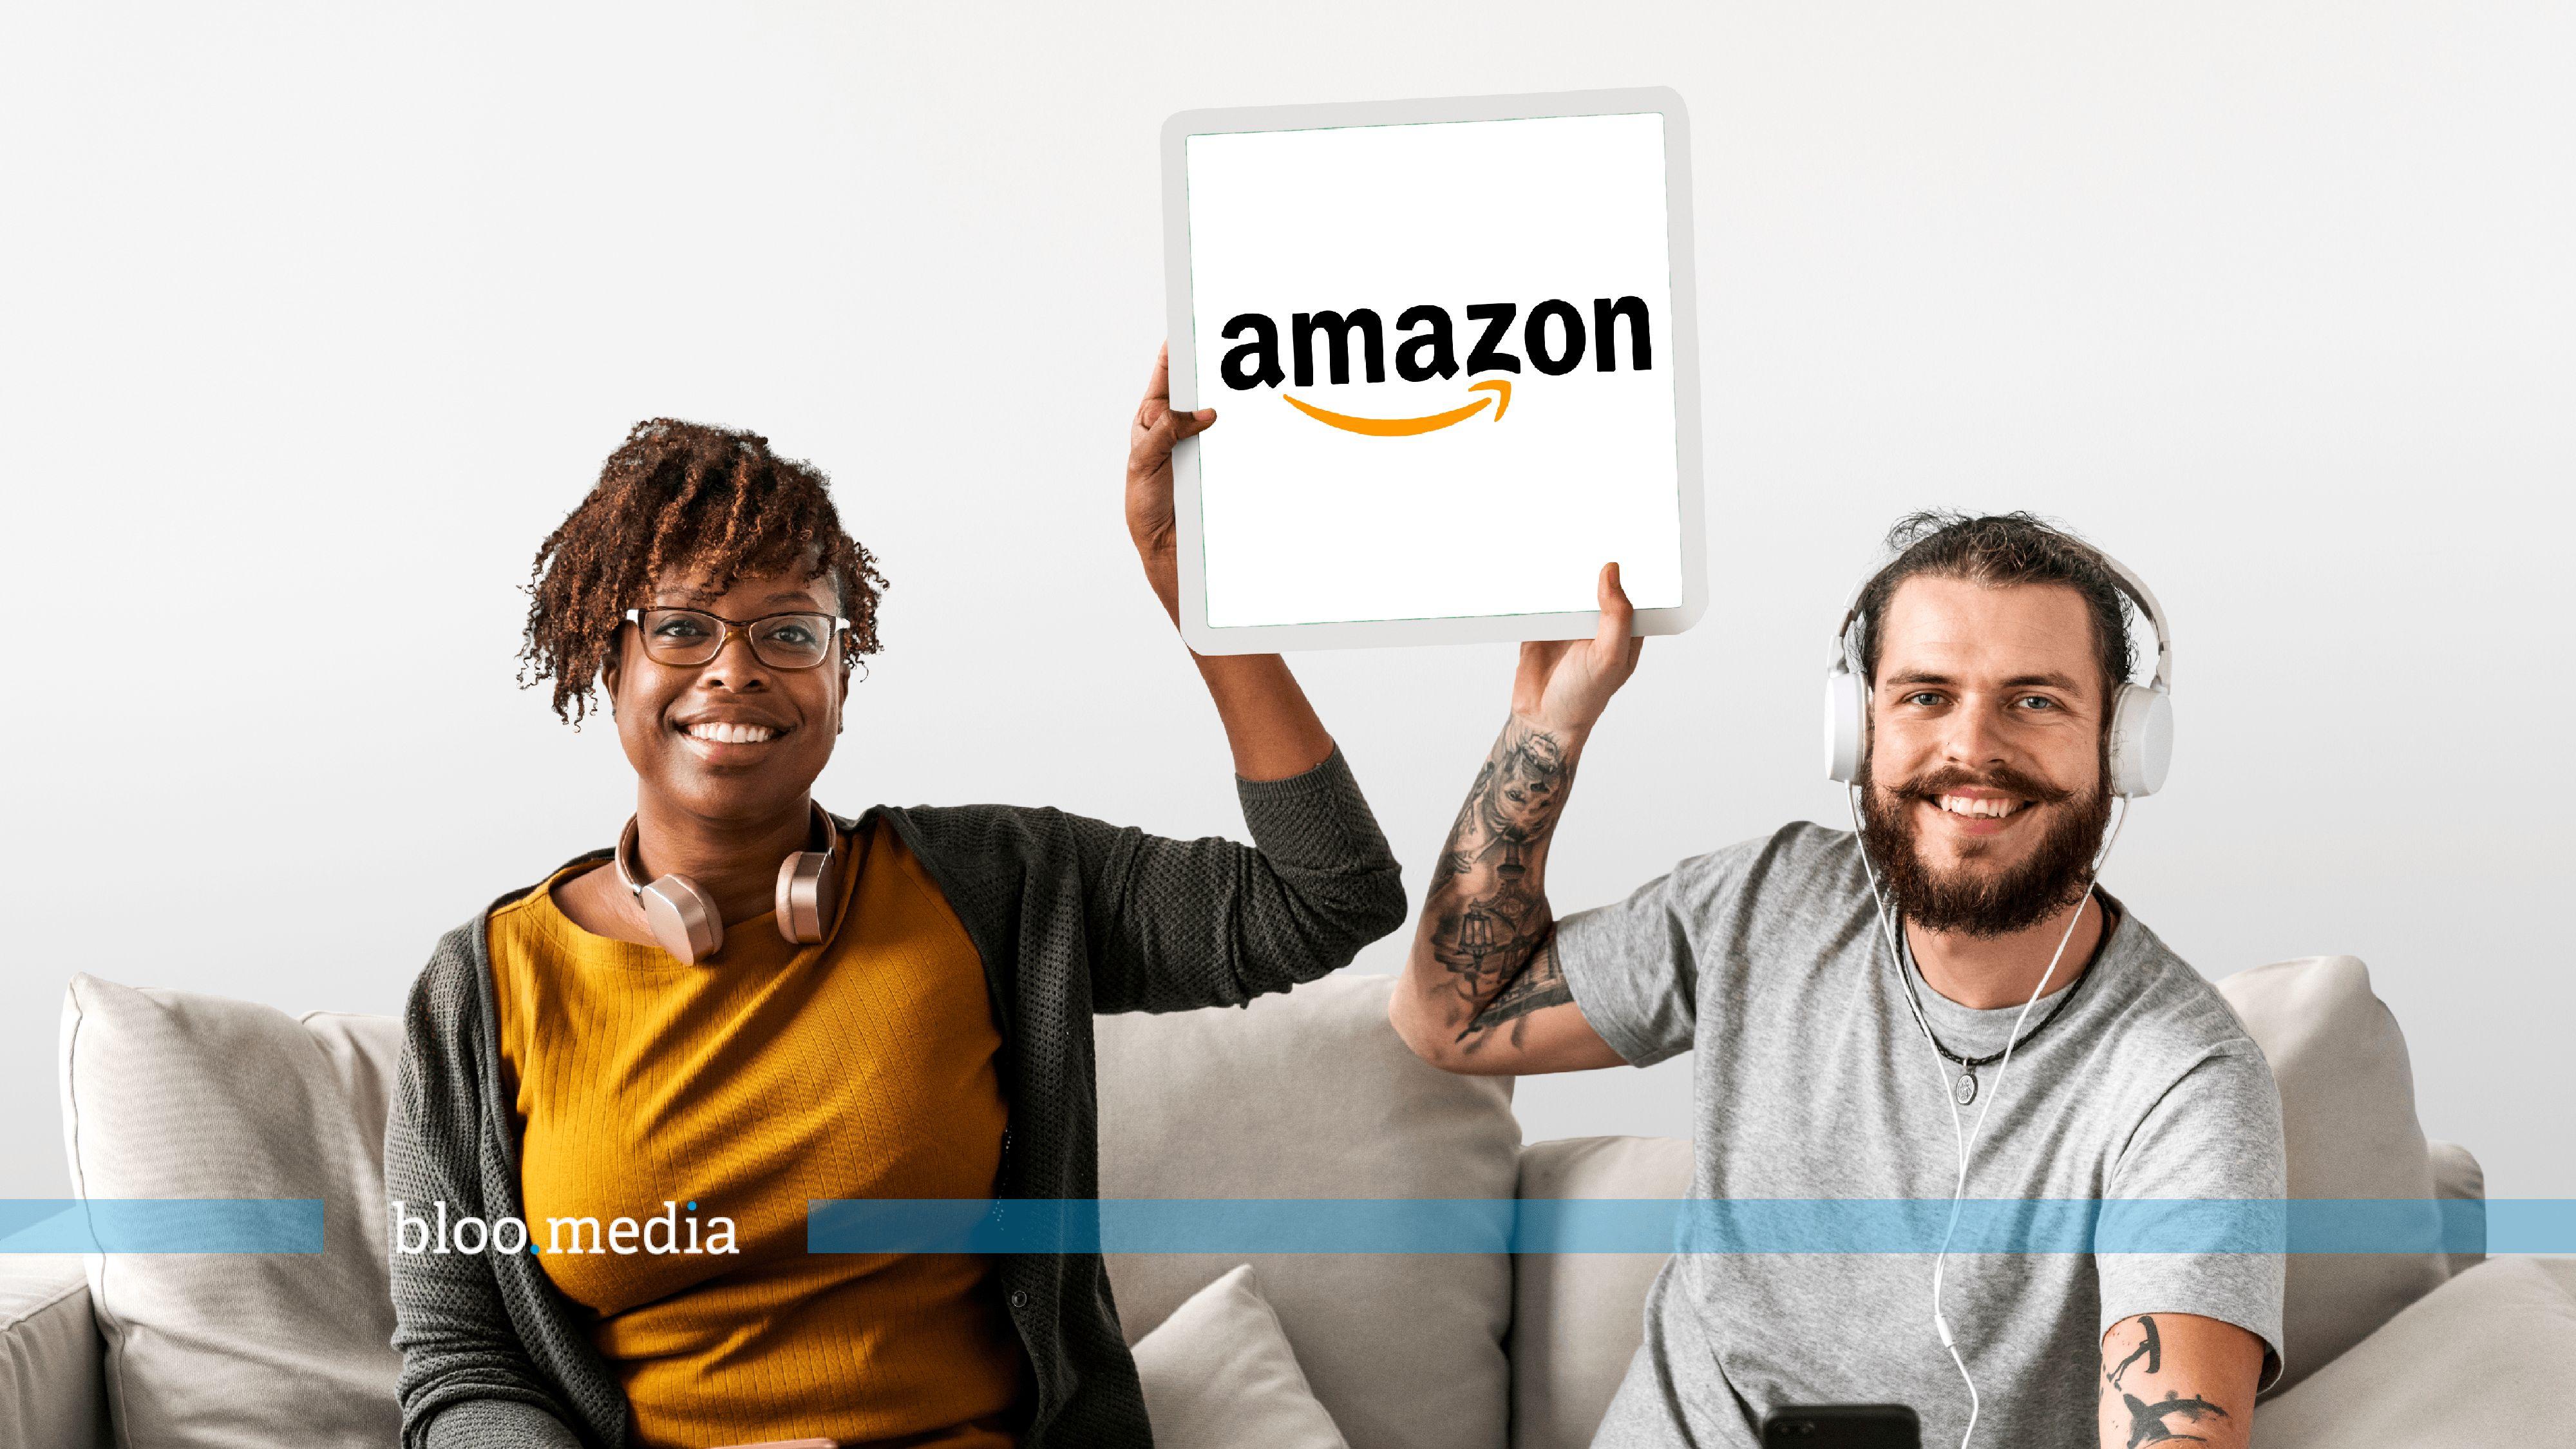 Amazon Advertising ¿Cómo hacer publicidad en Amazon?